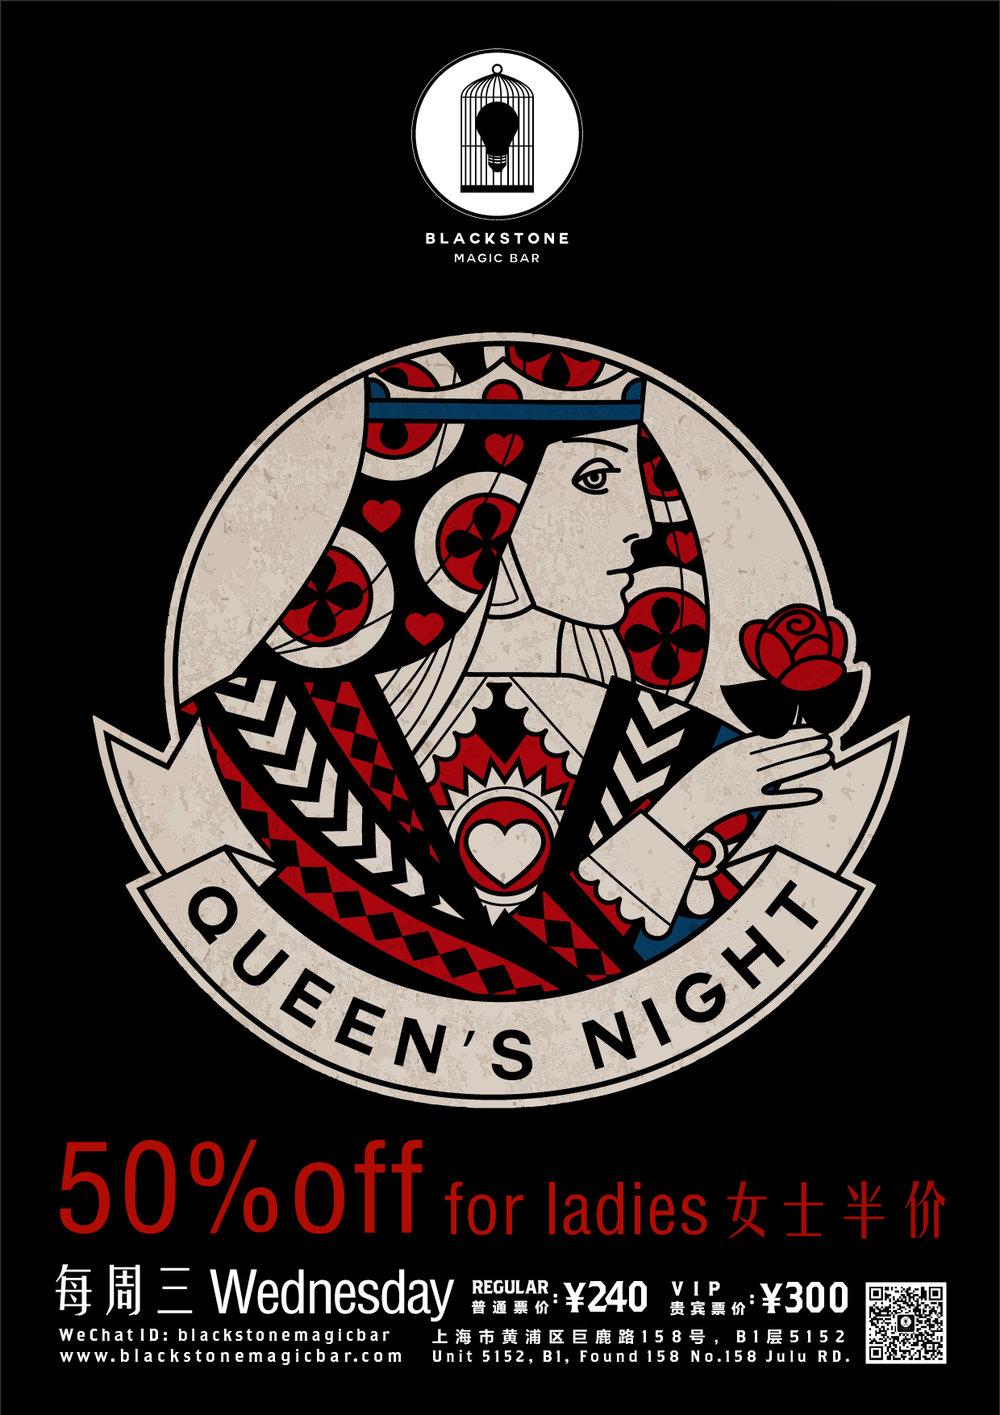 BLACKSTONE LIVE - QUEEN'S NIGHT